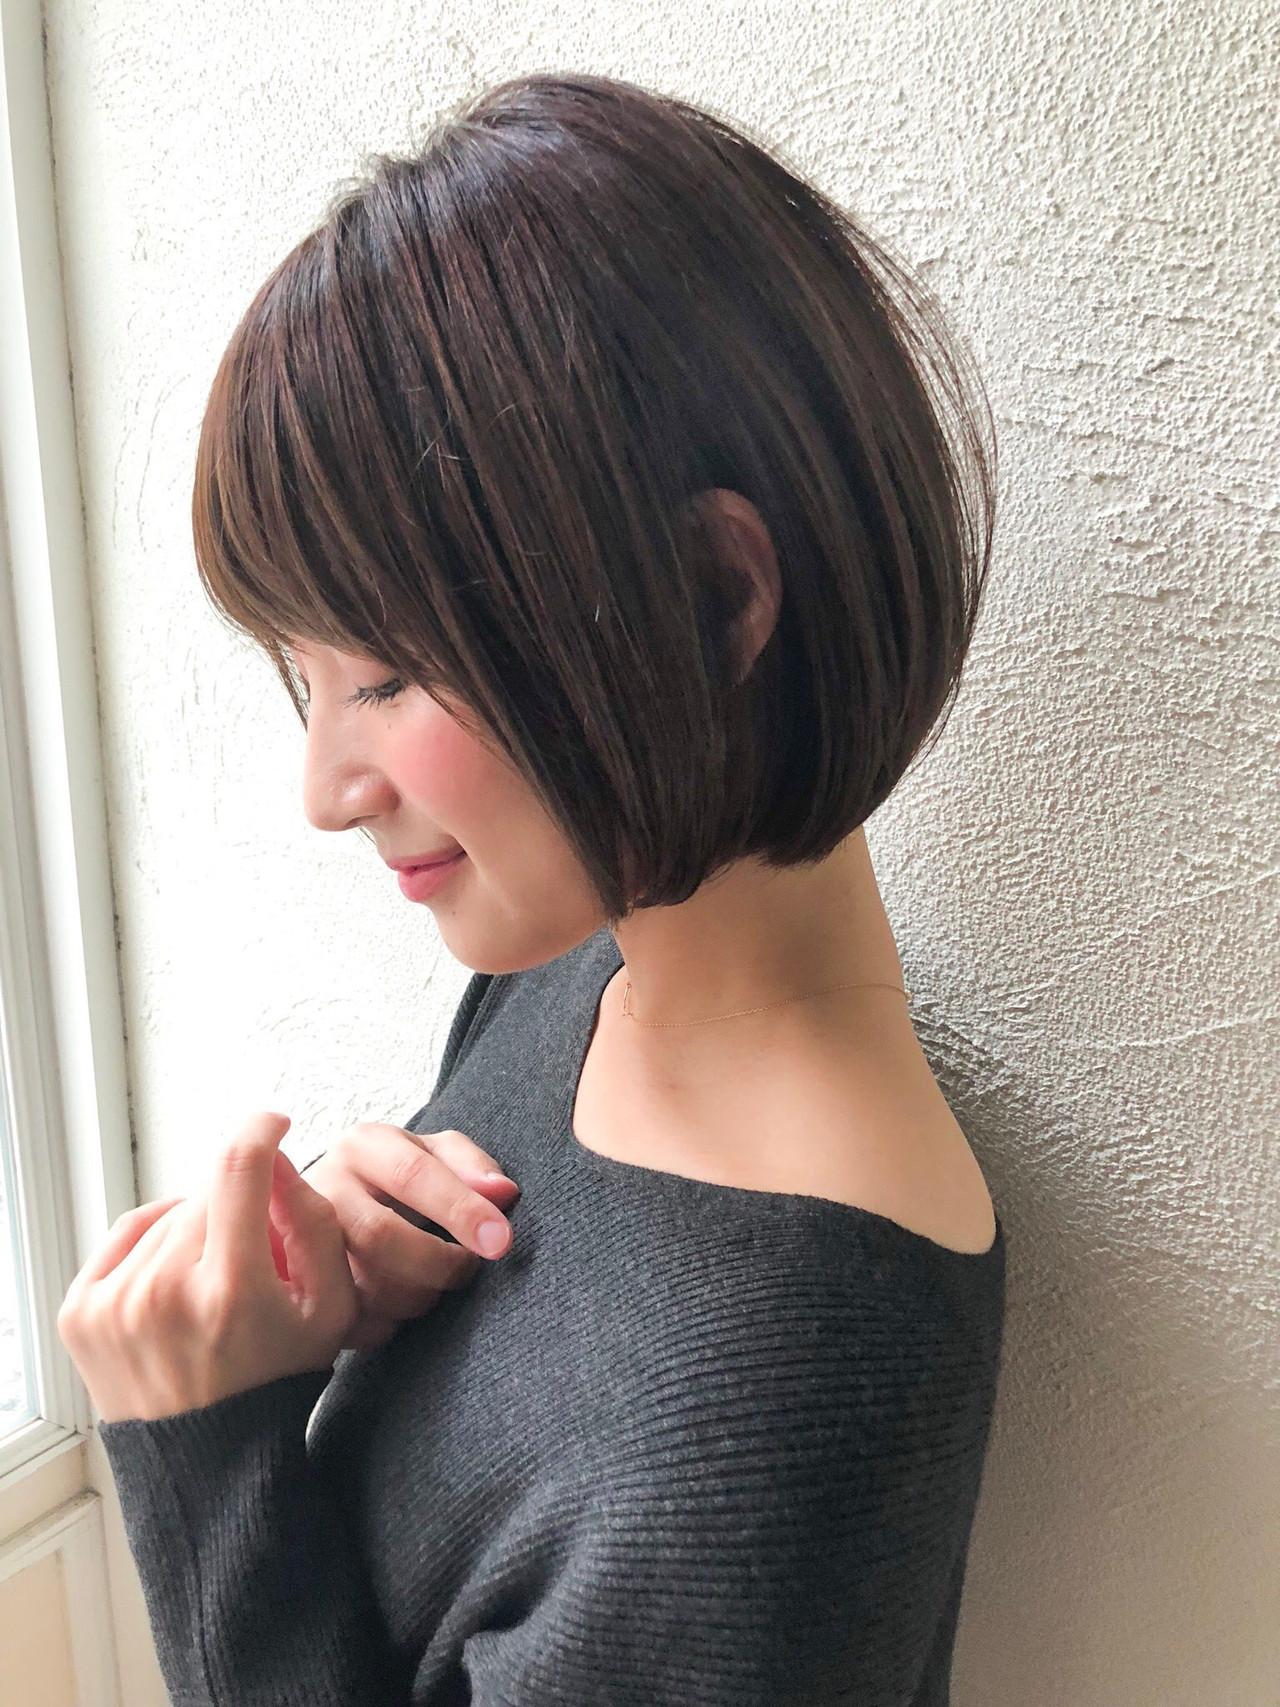 ナチュラル 透明感カラー デート ショートボブ ヘアスタイルや髪型の写真・画像 | 富永大樹【小顔ショート】【小顔ミディアム】 / Unami